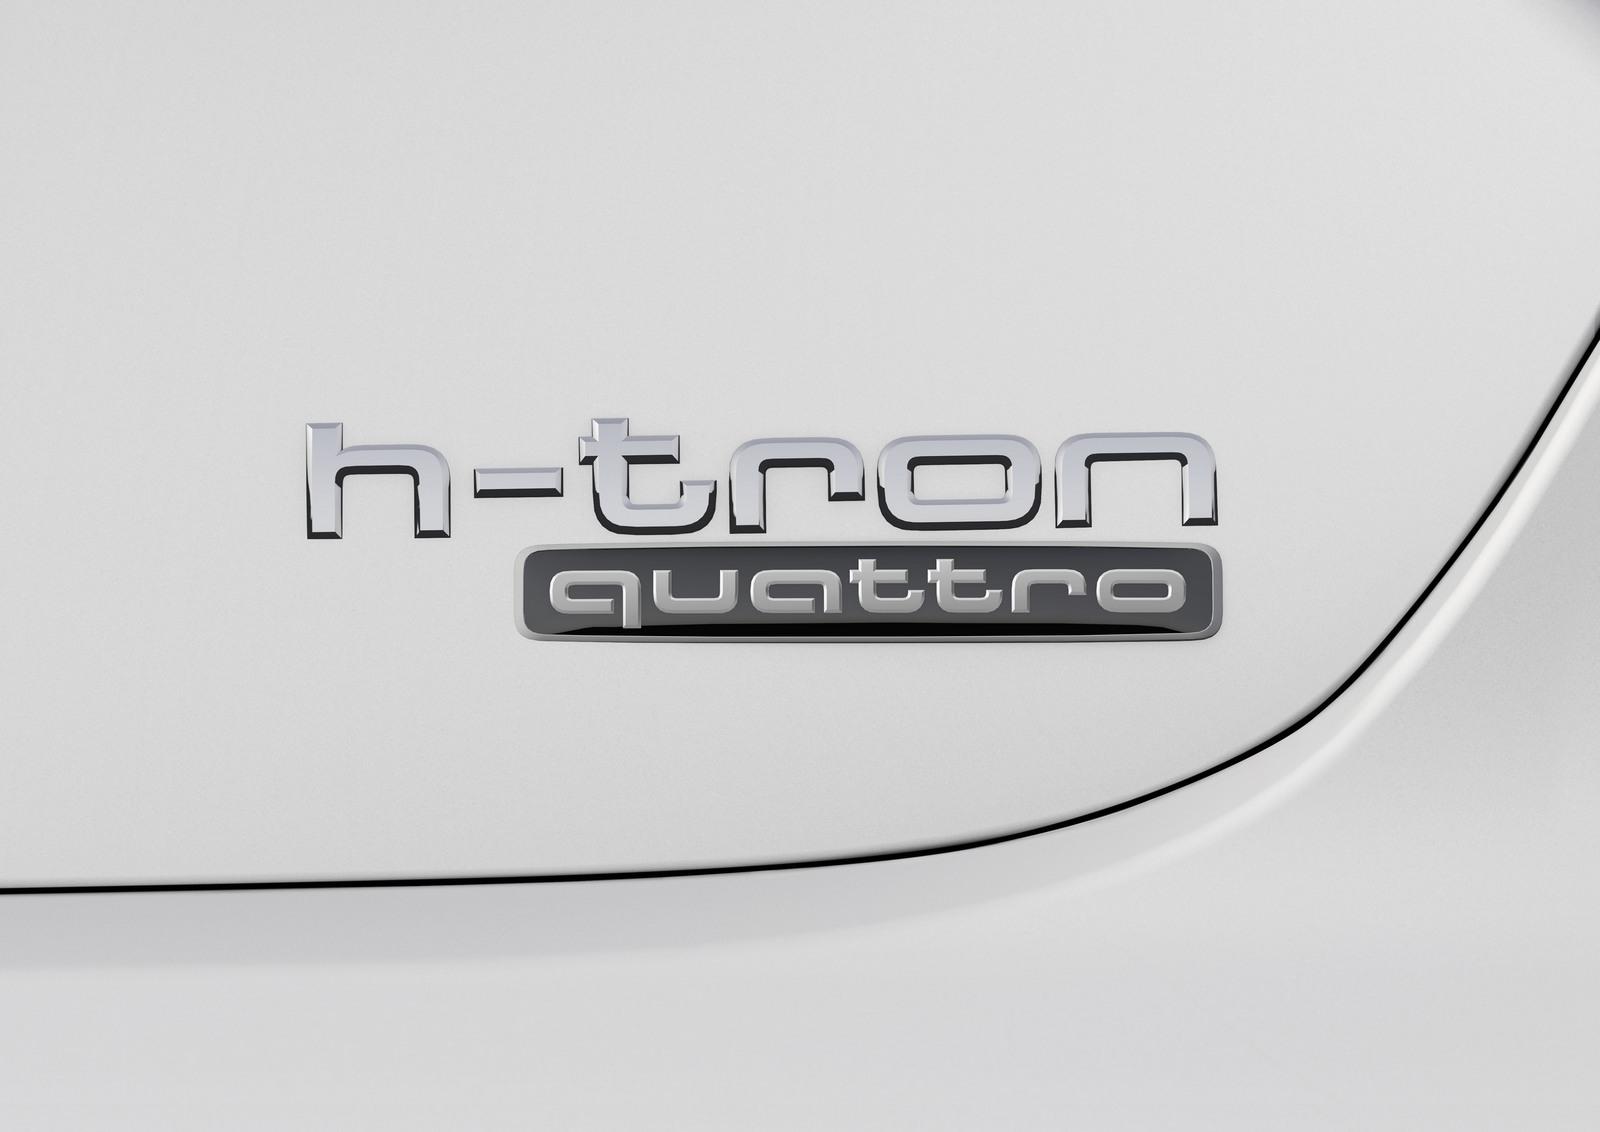 Foto de Audi A7 Sportback h-tron quattro (27/49)